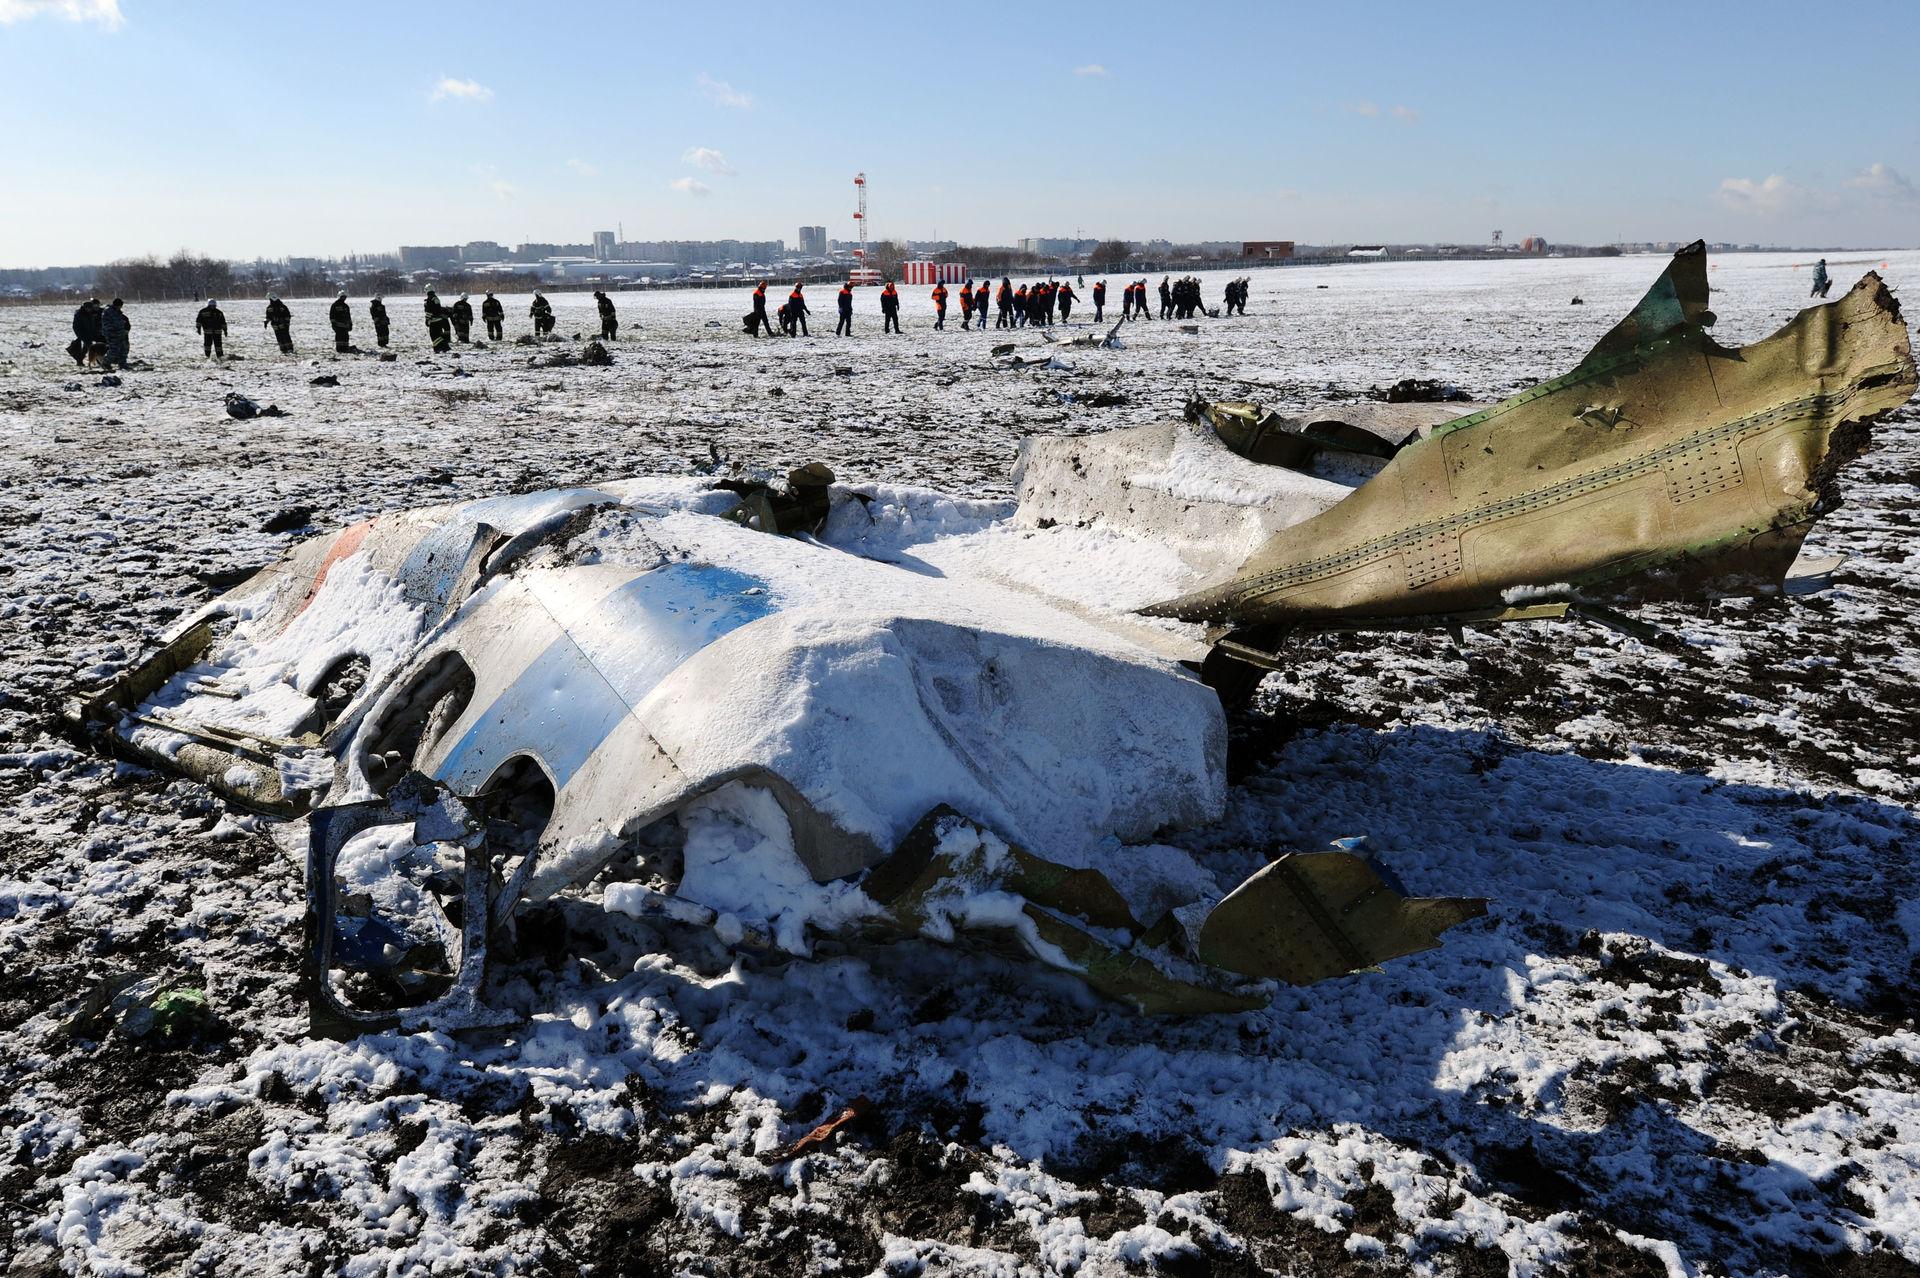 правильно одеваться фото экипажа самолета разбившегося в ростове правильно